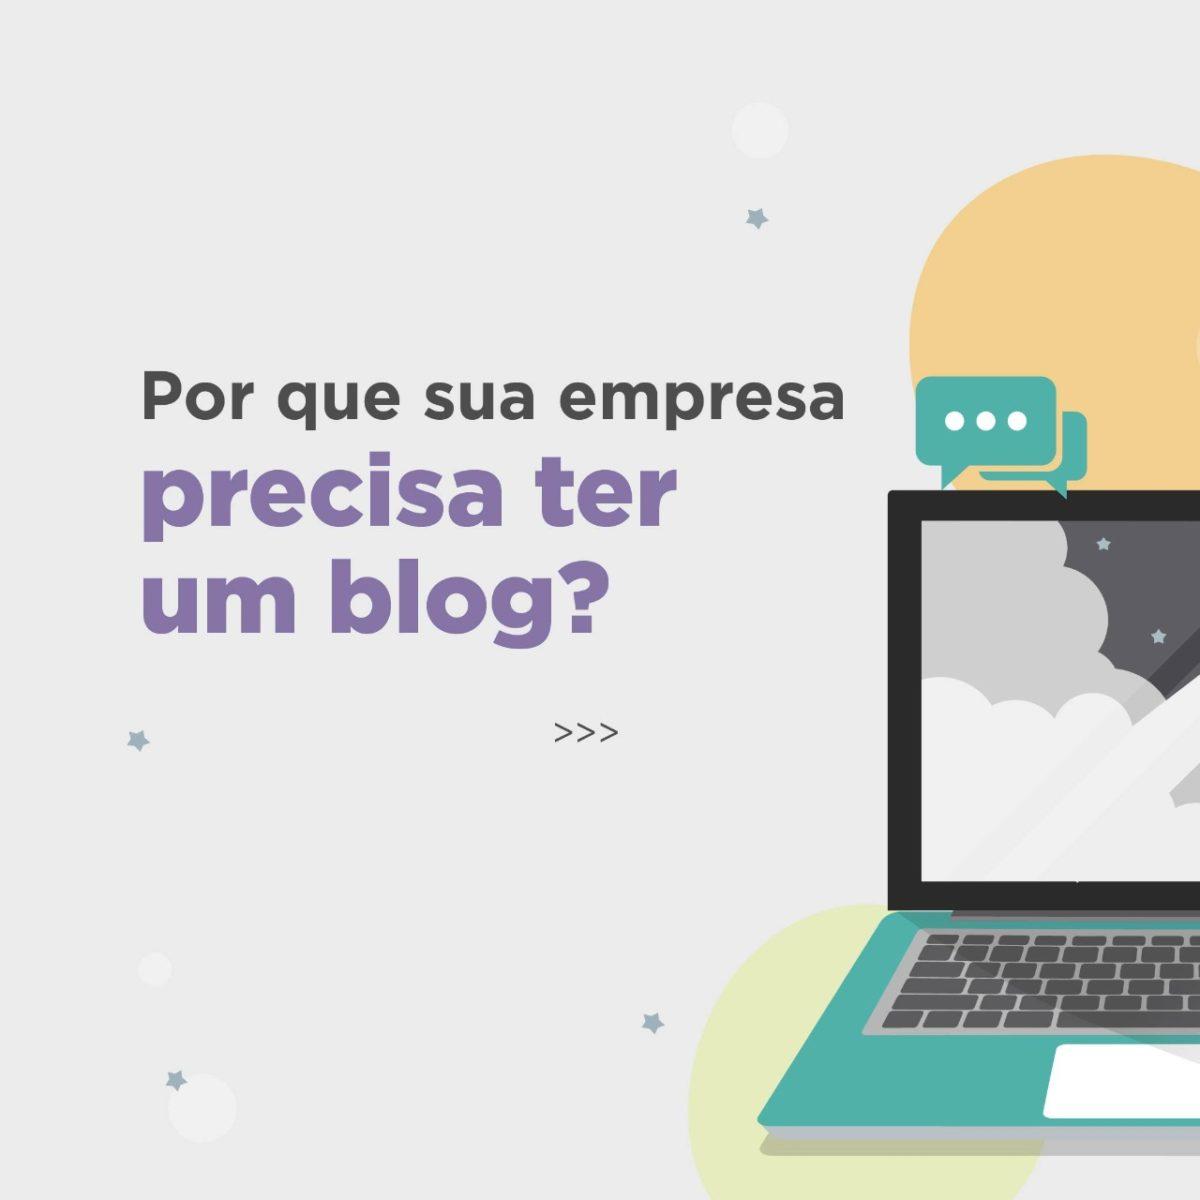 Blog para empresas: descubra as vantagens dessa estratégia